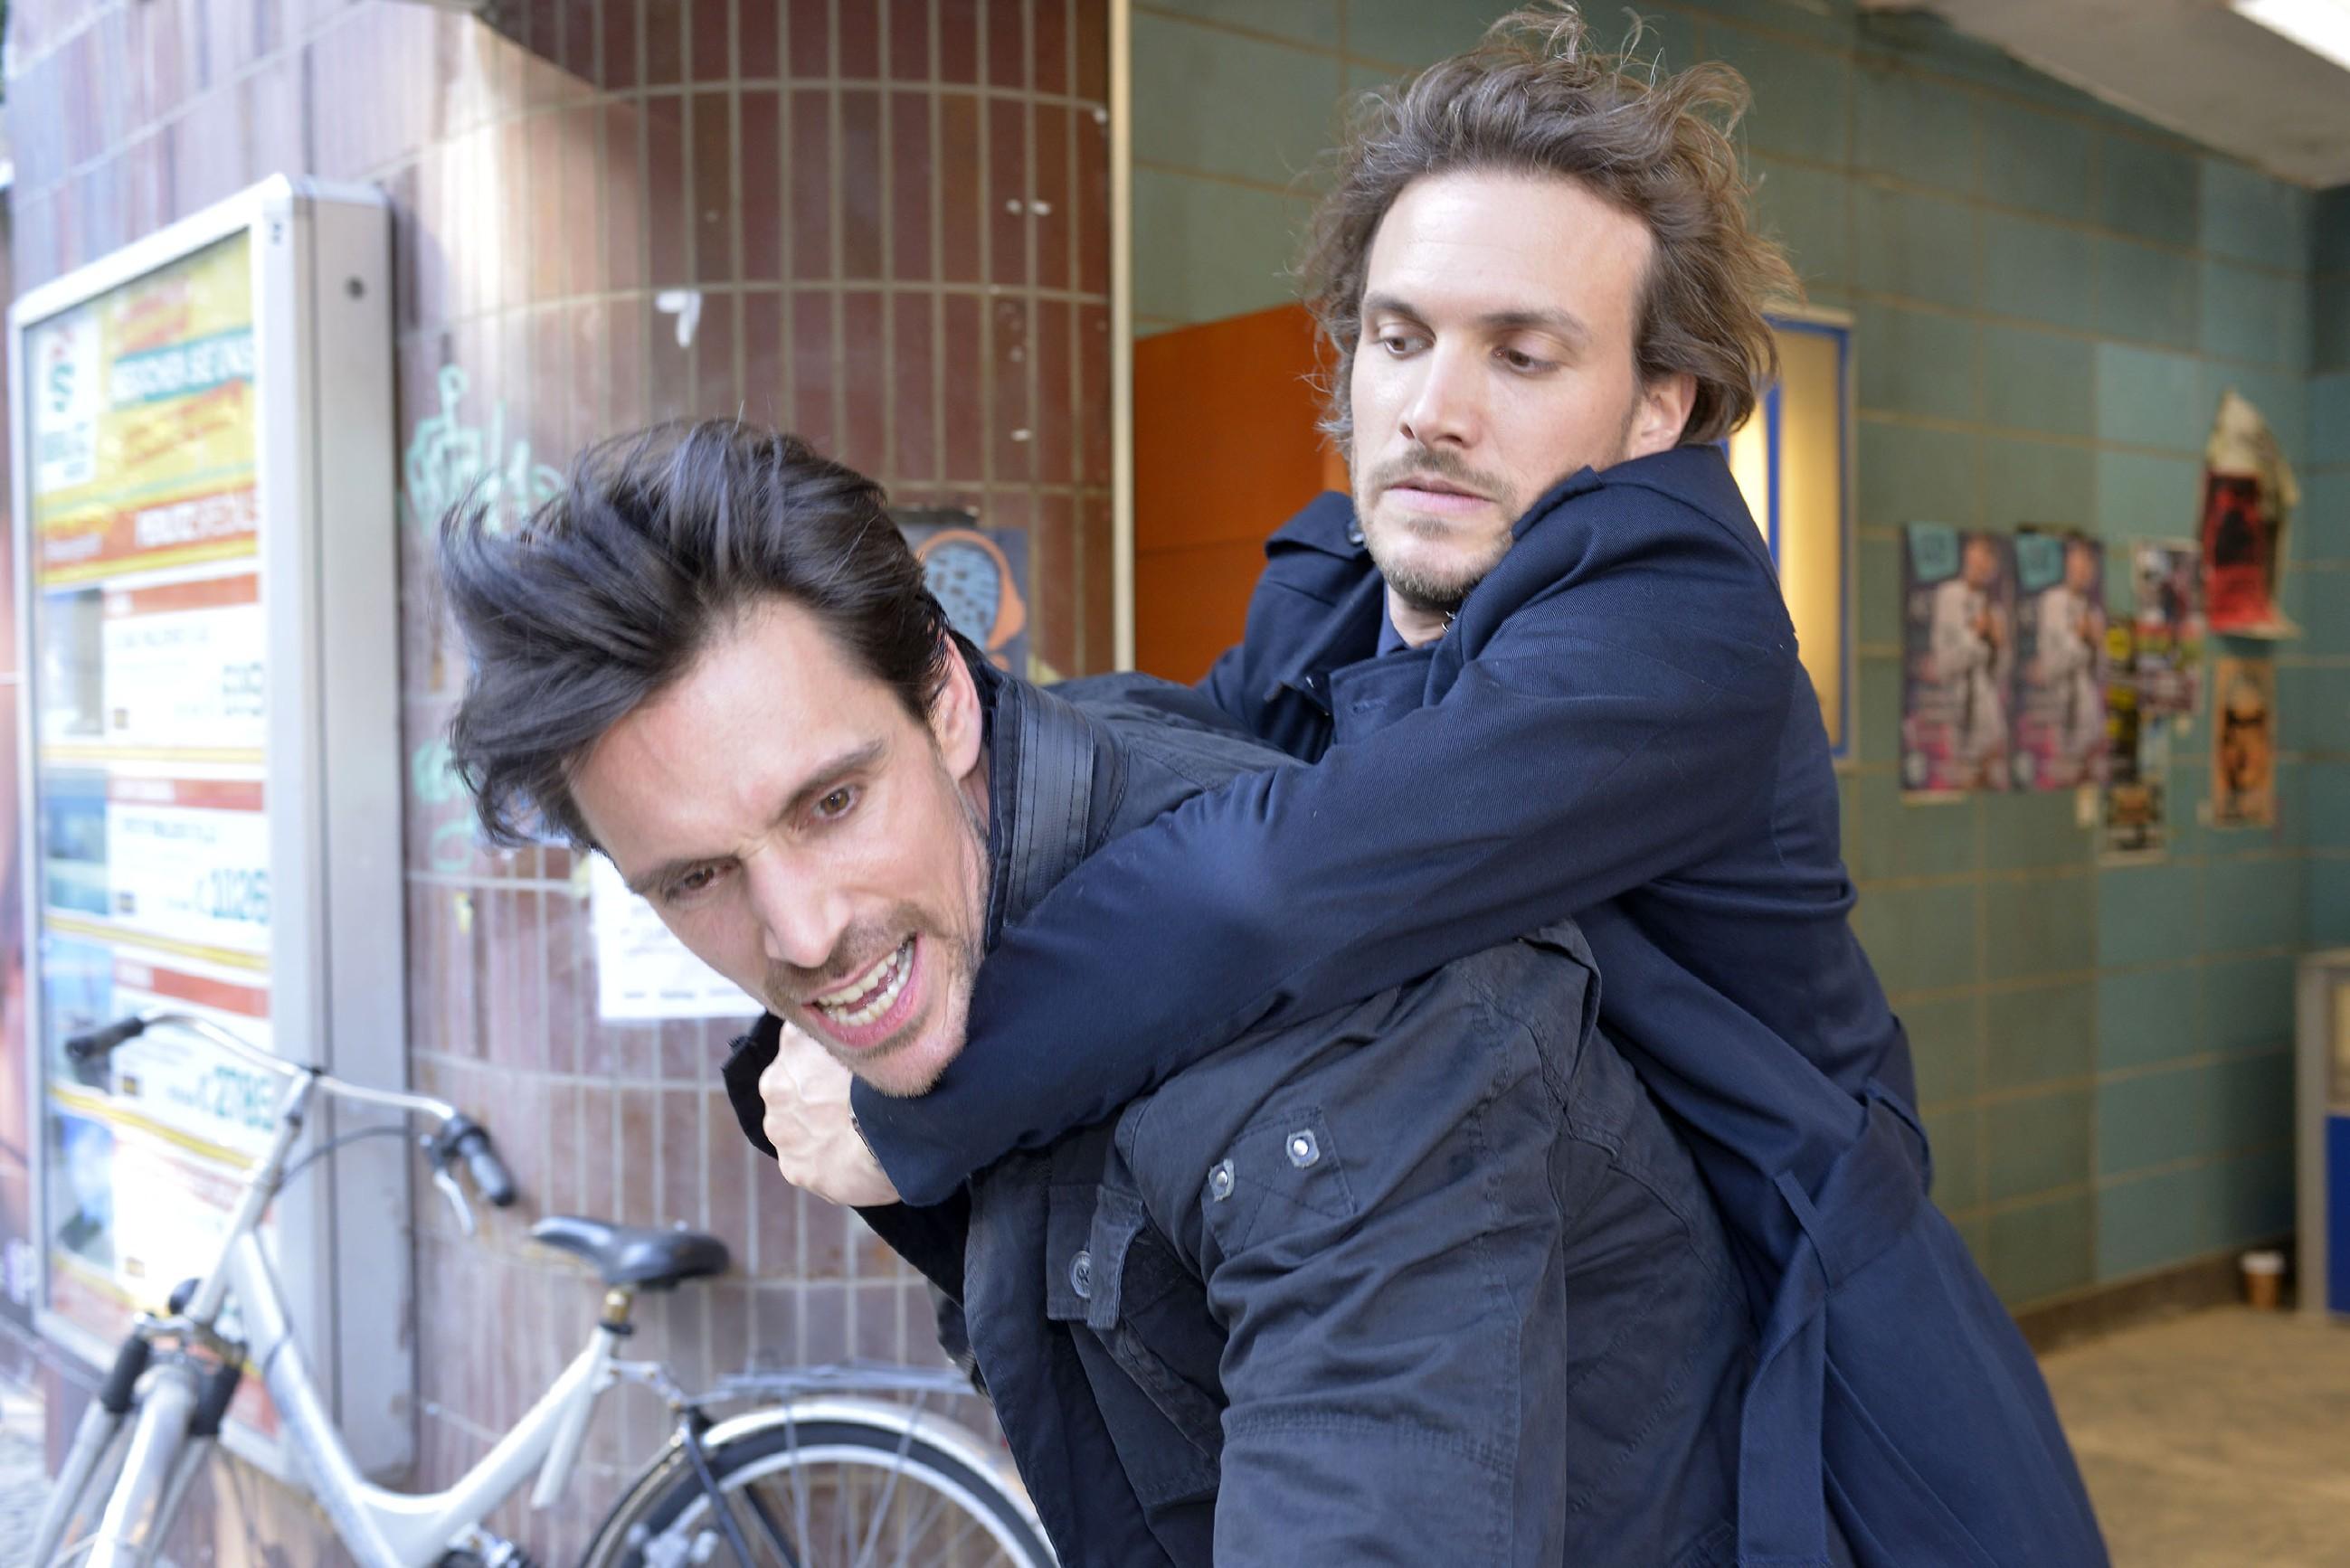 Felix (Thaddäus Meilinger, r.) versucht David (Philipp Christopher) nach dem tätlichen Angriff auf Gerner unter Kontrolle zu bekommen.